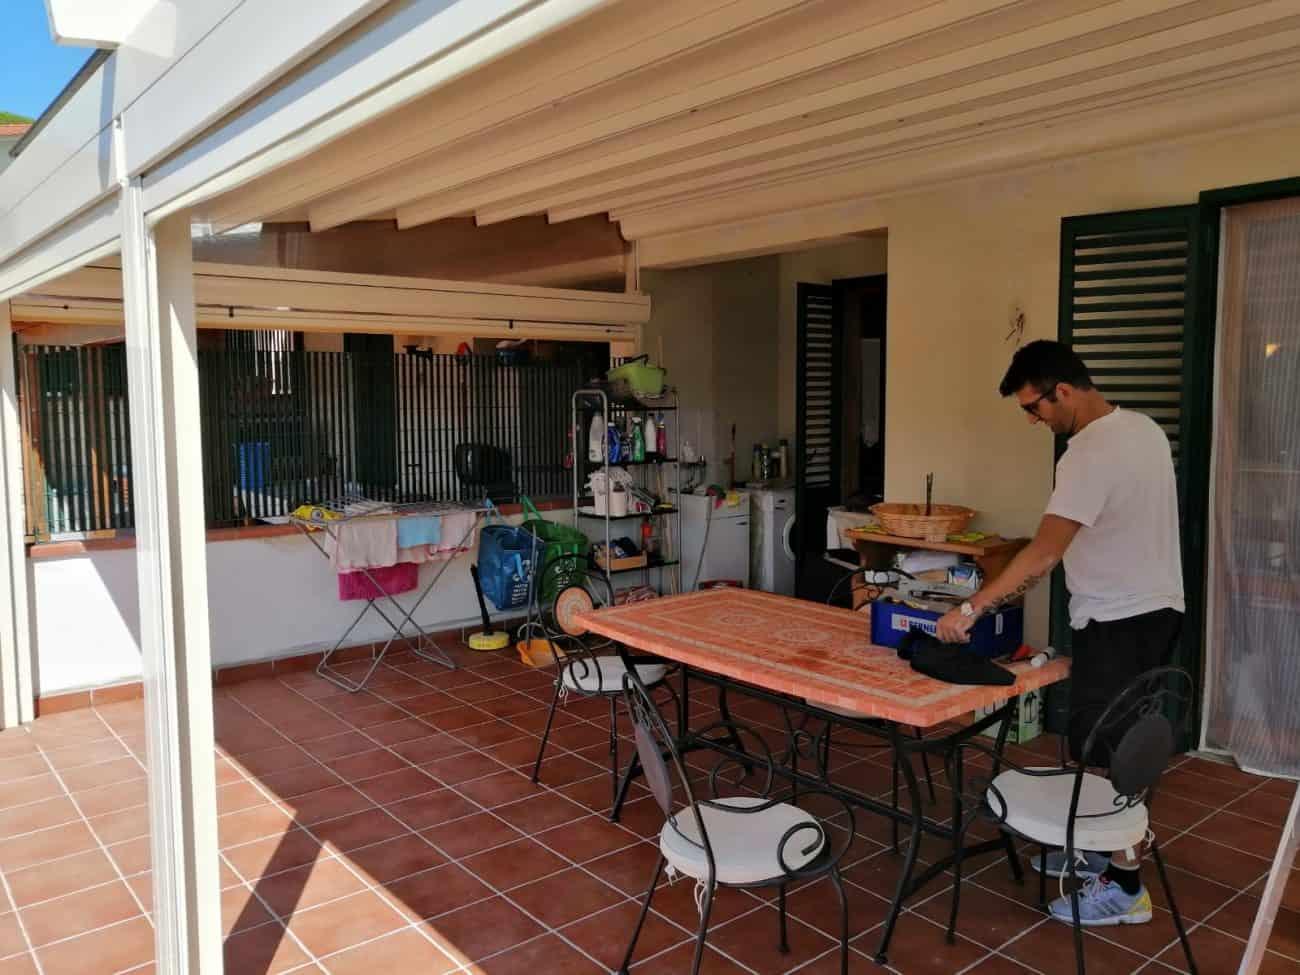 Chiudere Un Terrazzo In Muratura come chiudere terrazza esterna | soltenitalia